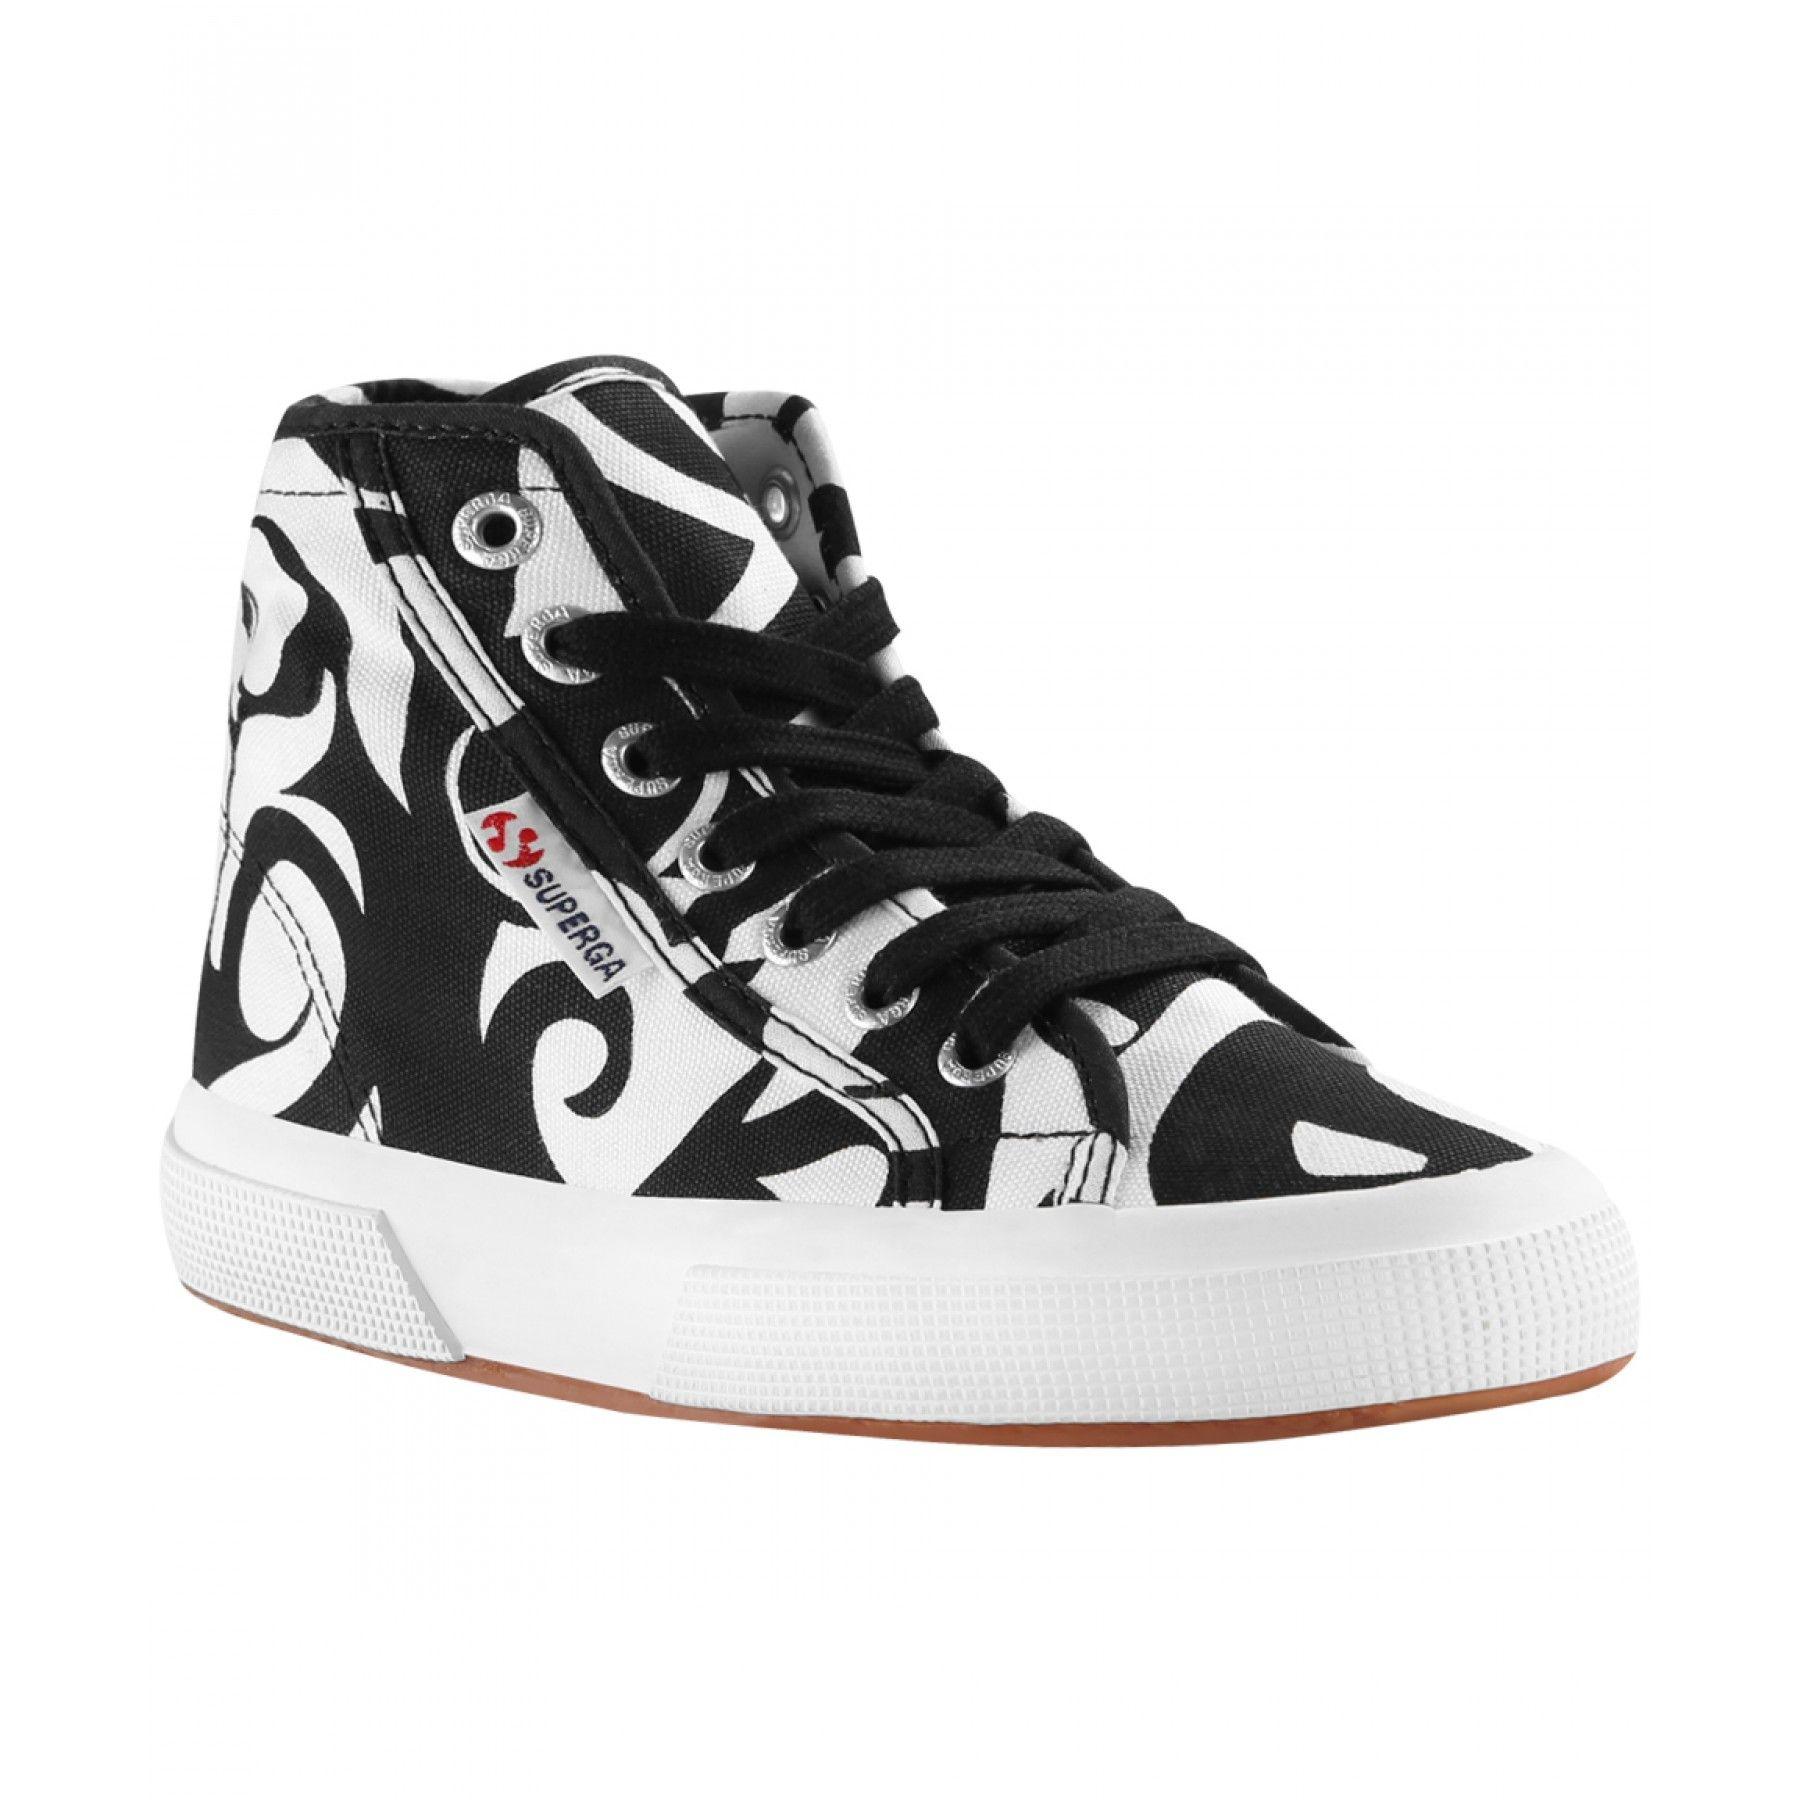 Superga Sneakers Altas - Negro Y Blanco - Caña: 10 cm - Suela: 3 cm Asequible barato en línea vMVmoX8ew